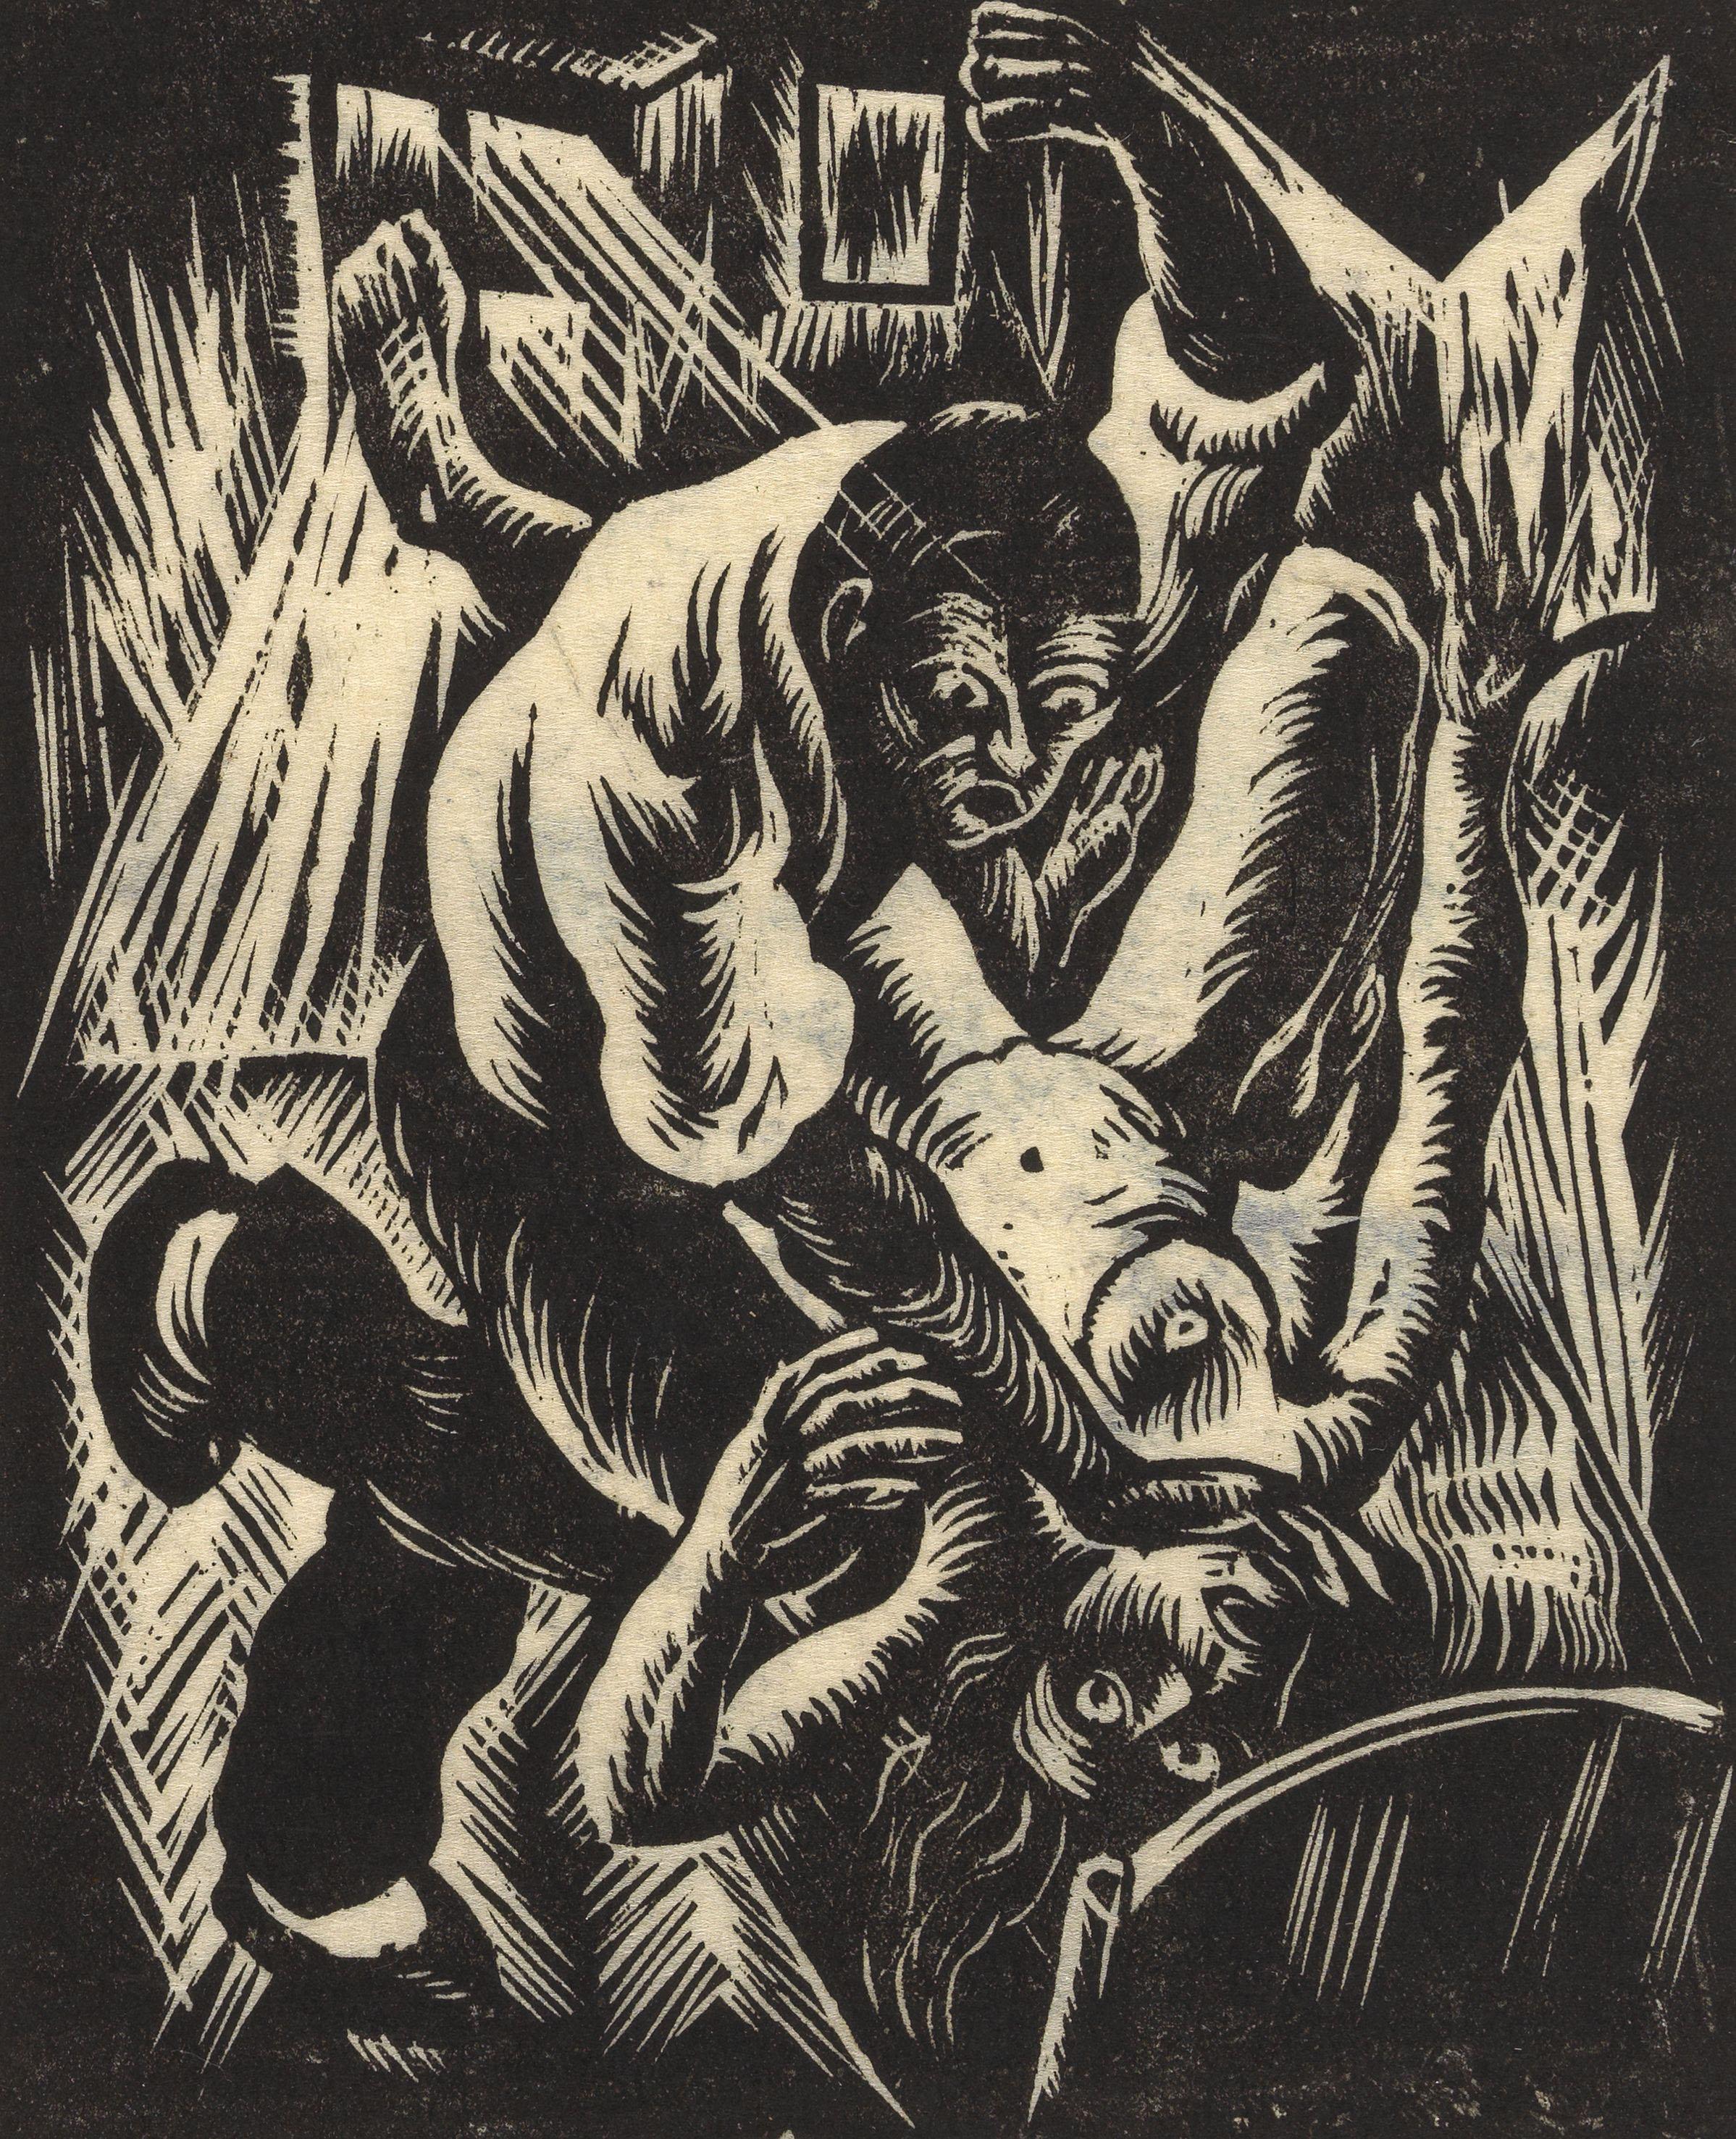 Mörder, 1923, Otto Rudolf Schatz Wien Museum